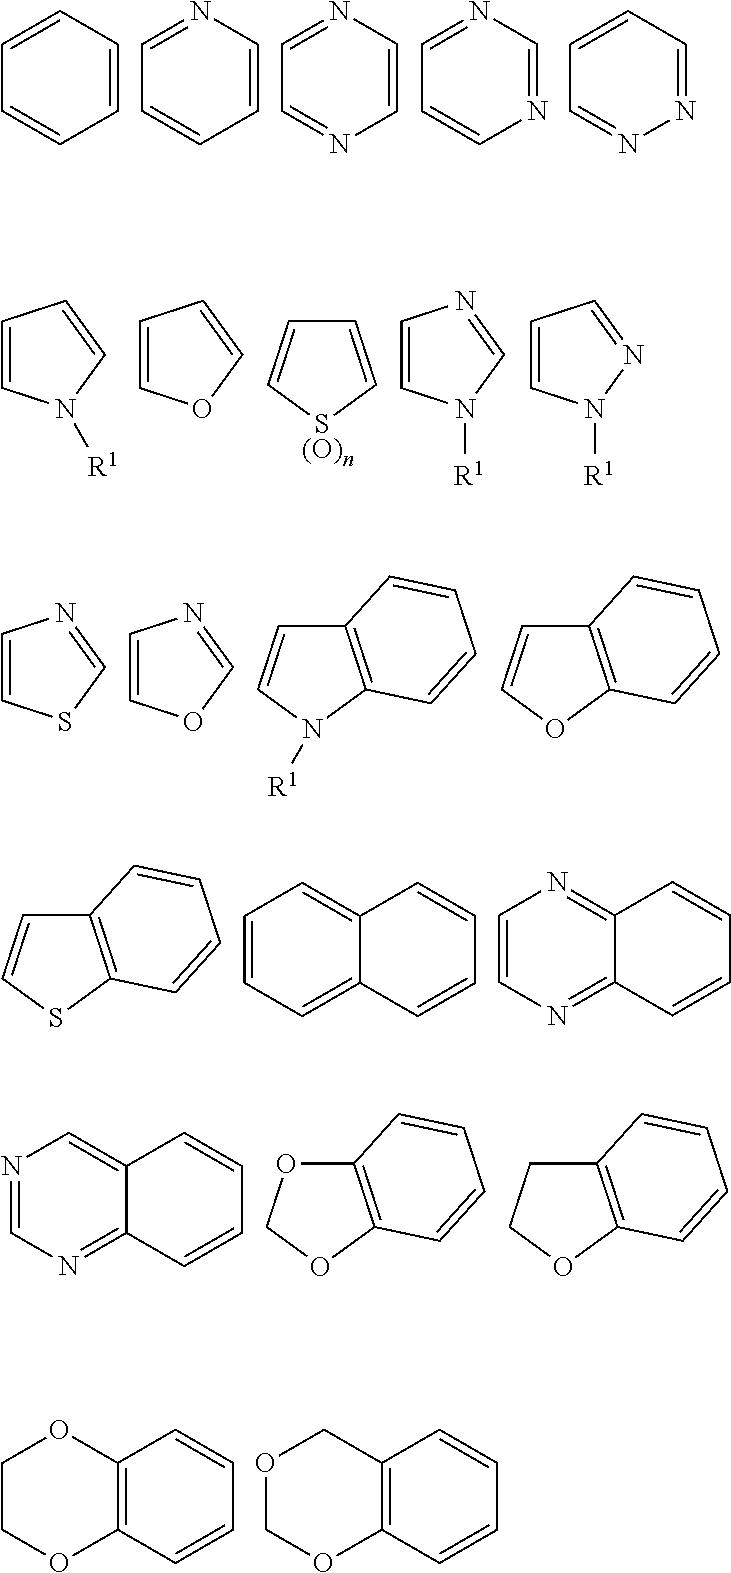 Figure US20110053905A1-20110303-C00011